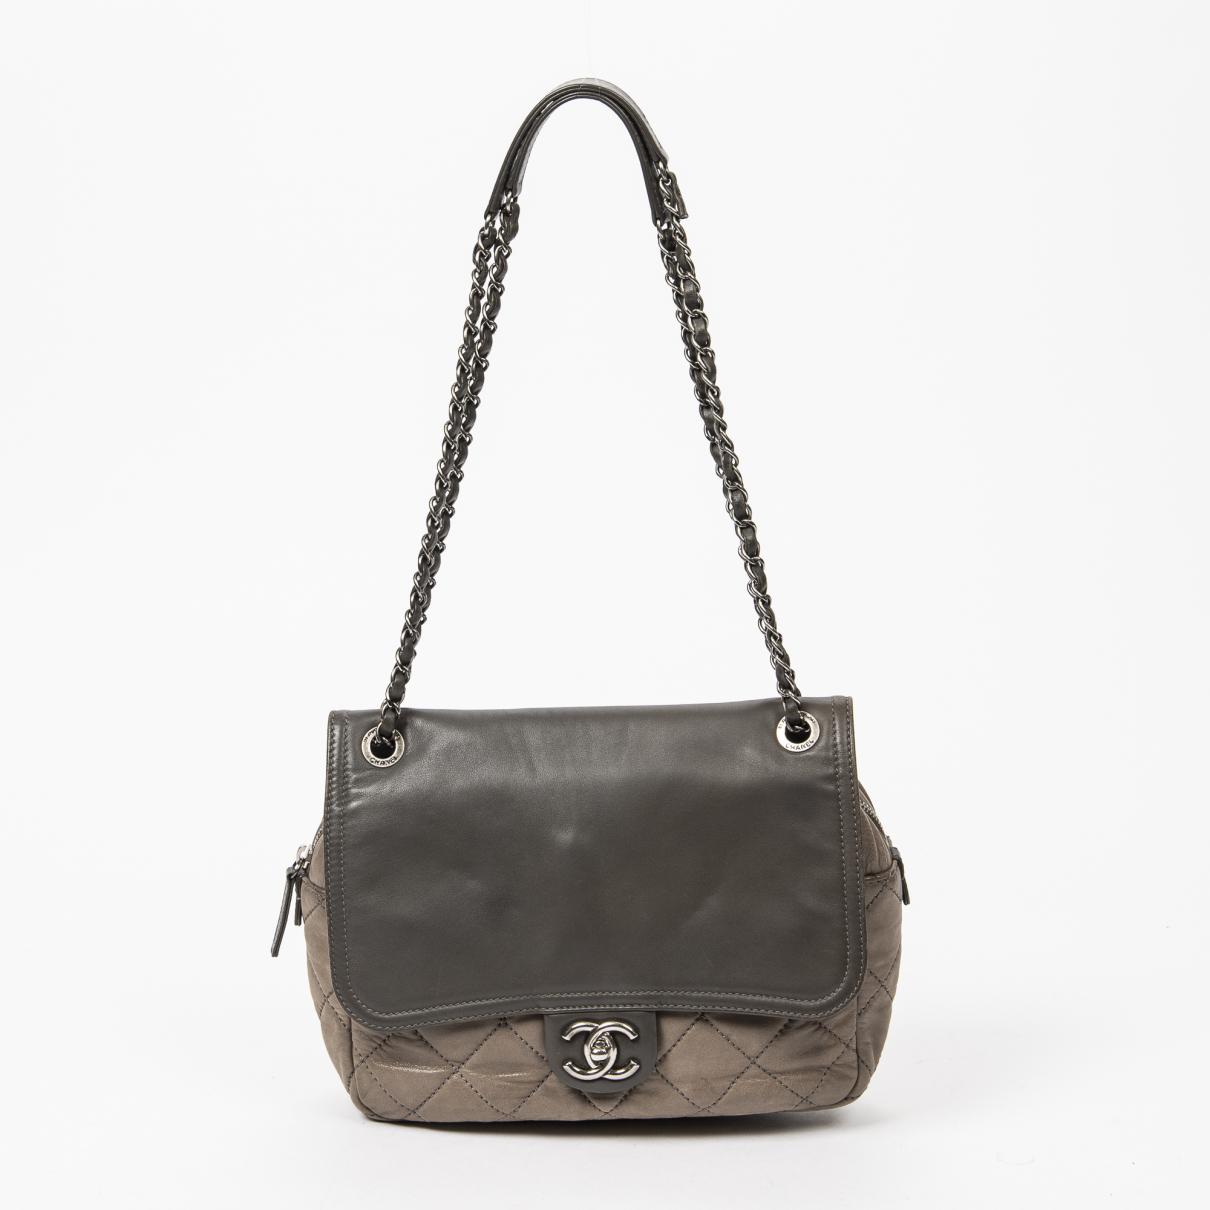 Chanel - Sac a main   pour femme en cuir - gris